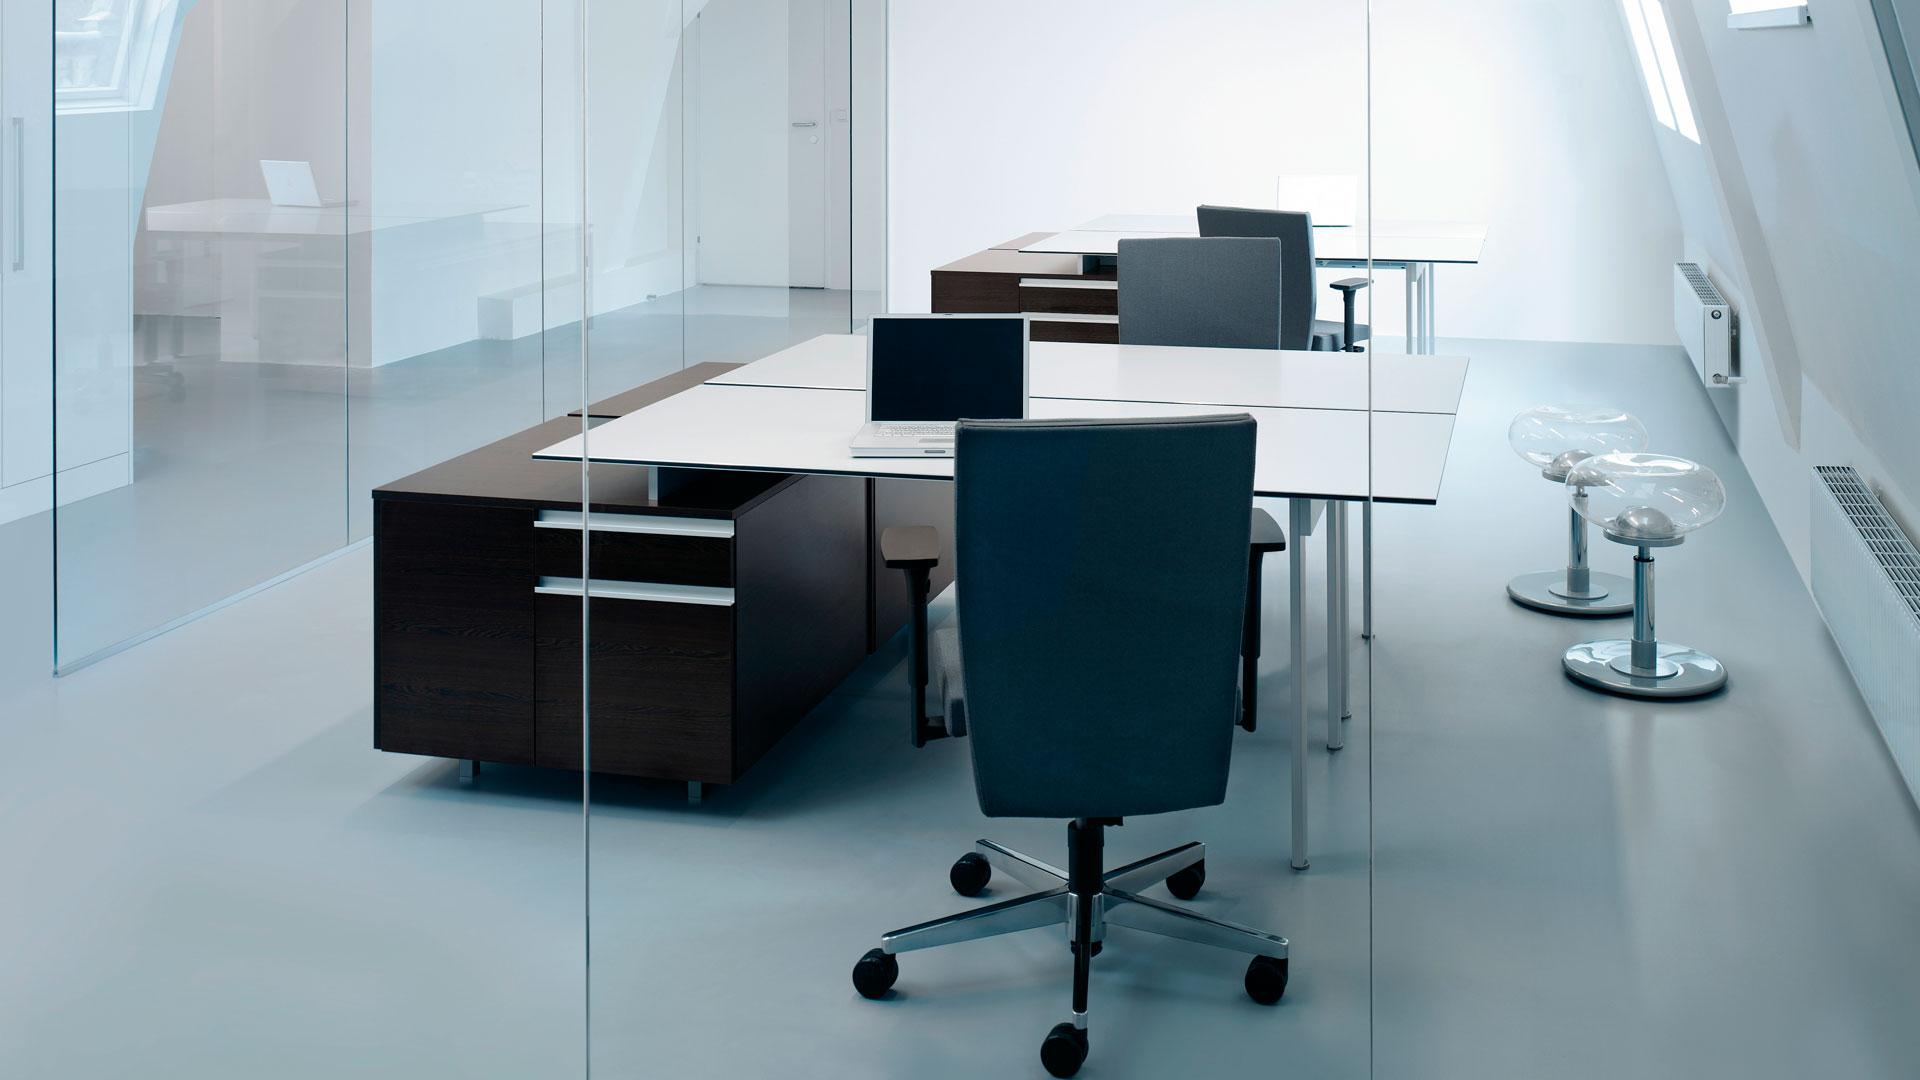 <p>Tisch- und Stauraumprogramm LOFTLINE</p>